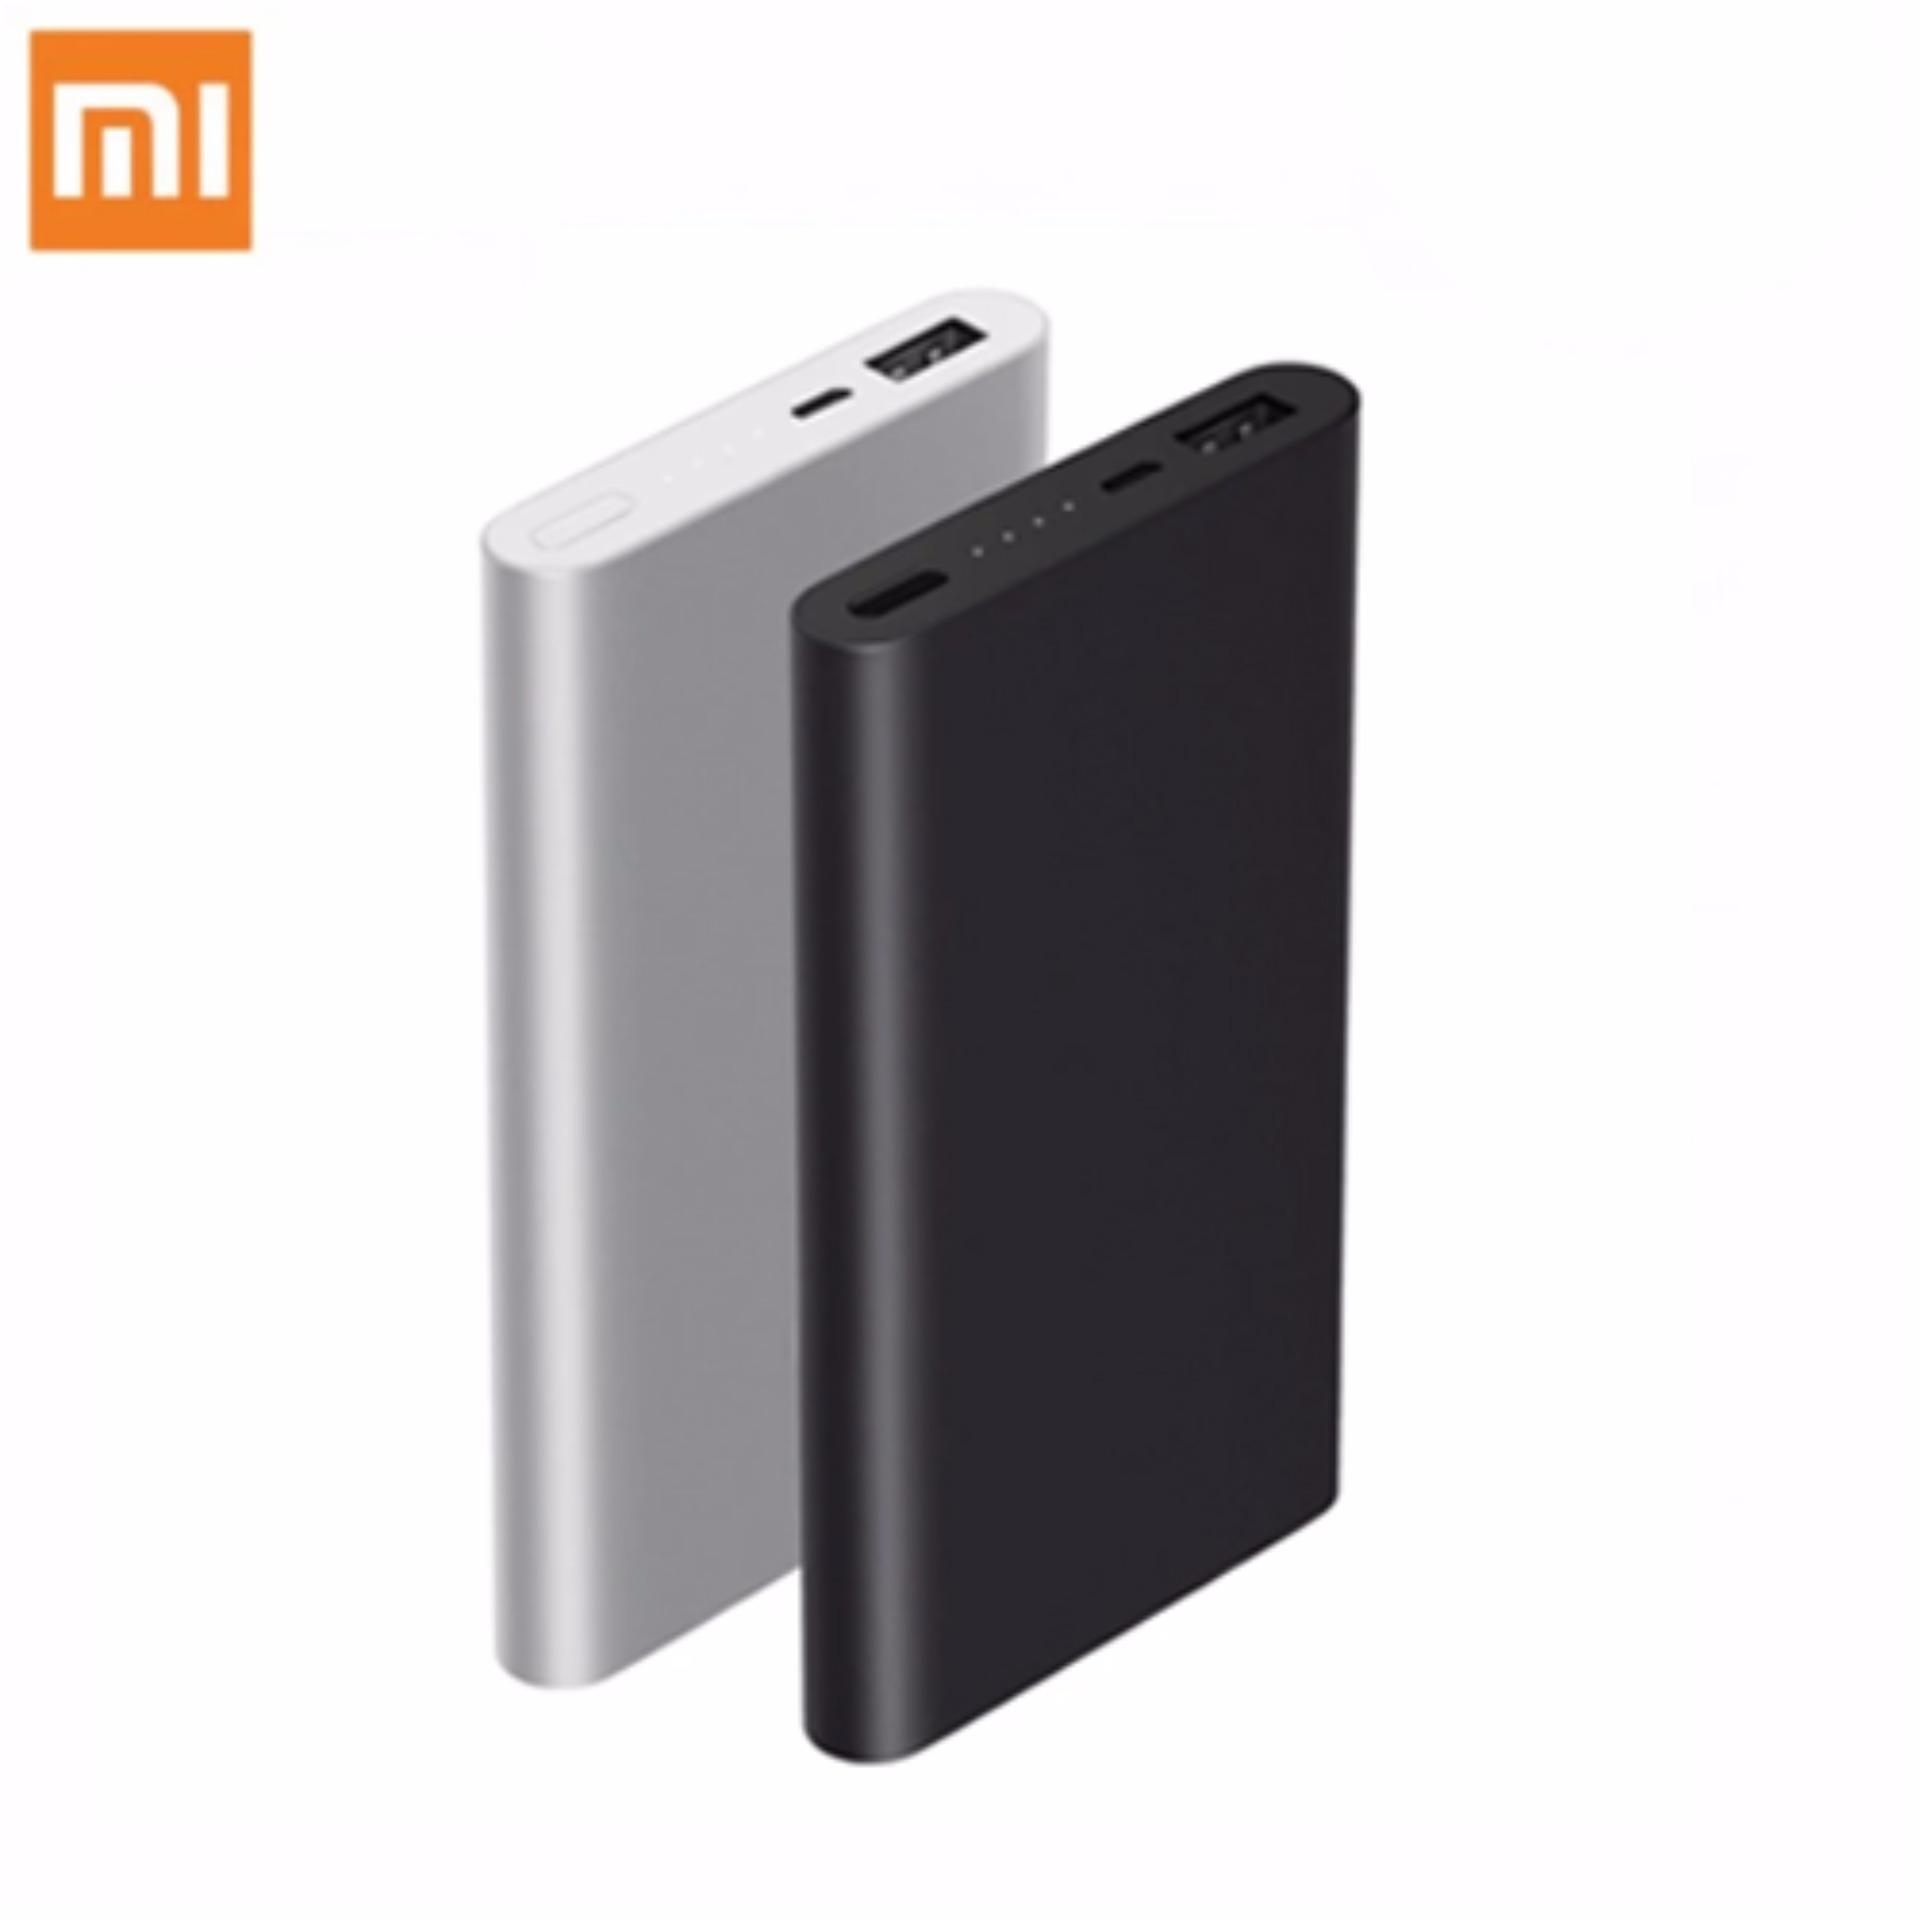 Spesifikasi Xiaomi Mi Power Bank 10 000Mah 2 Fast Charging Generasi 2 Hitam Yang Bagus